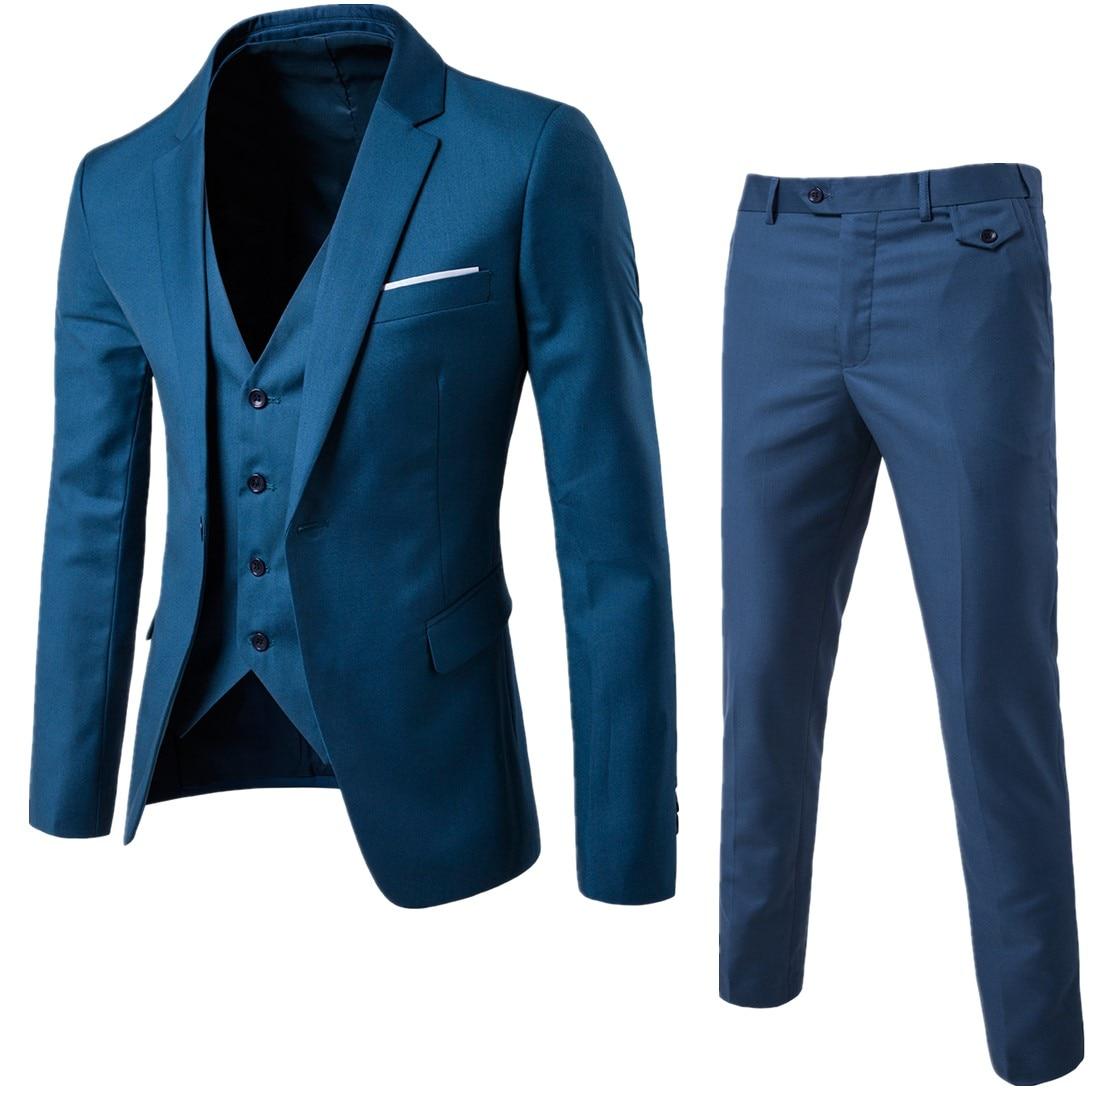 (Jackets+Vest+Pants) 2019 Men Wedding Suit Male Blazers Slim Fit Suits For Men Costume Business Formal Party Plus Size S-6XL